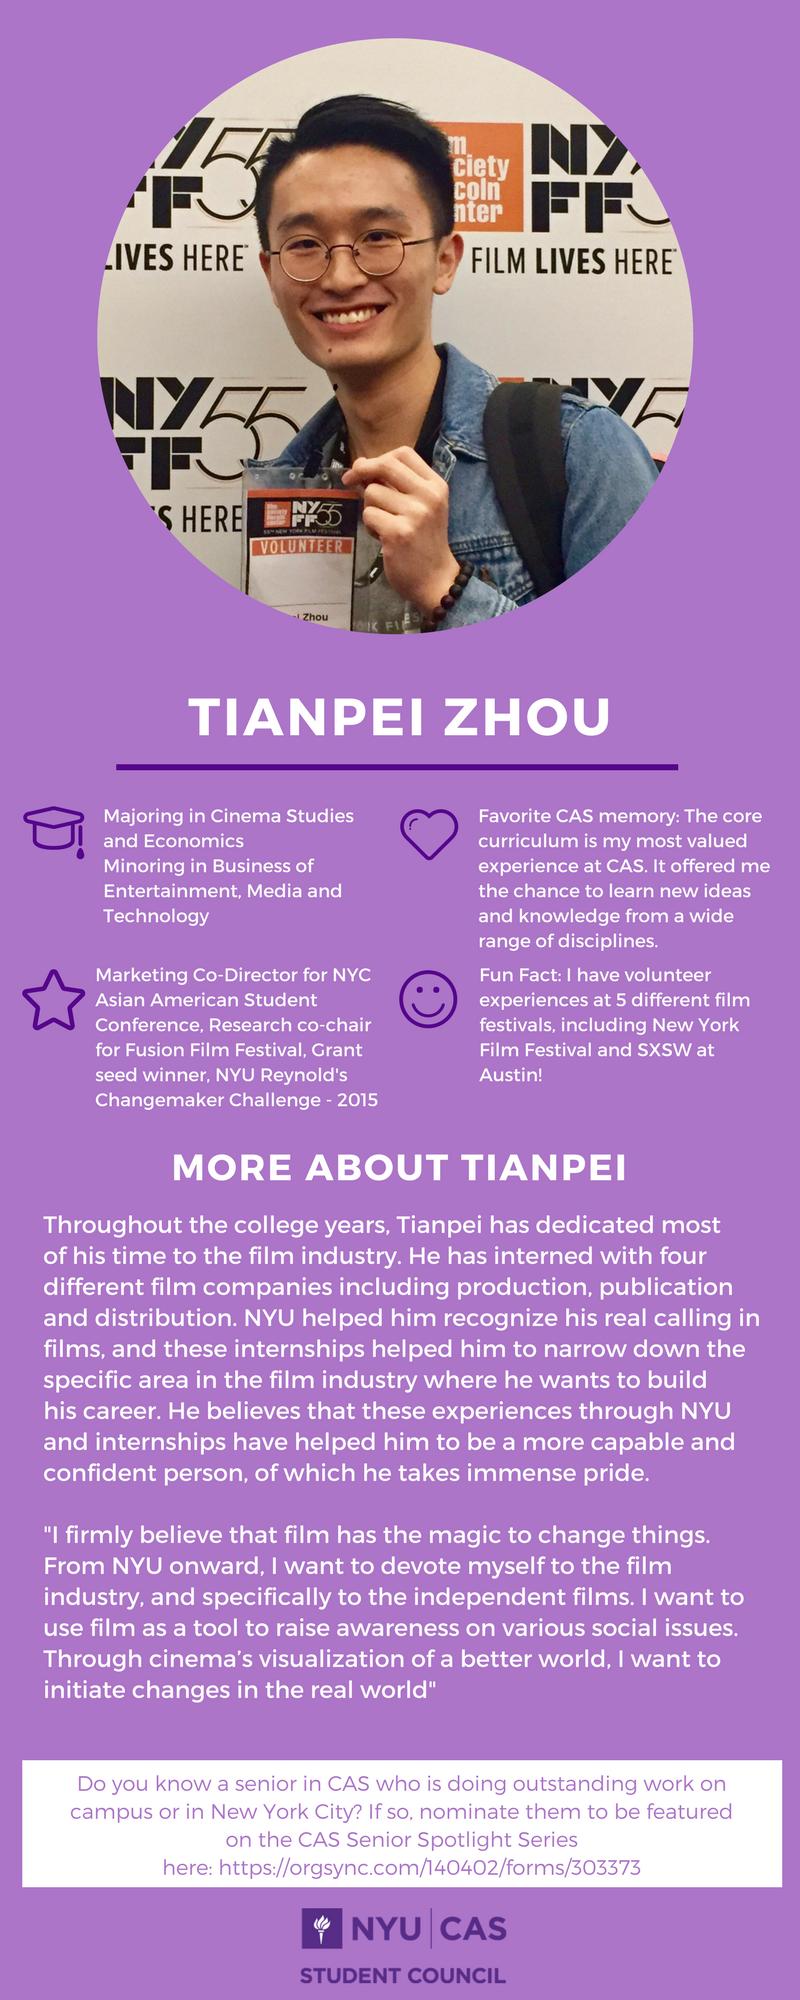 Tianpei Zhou